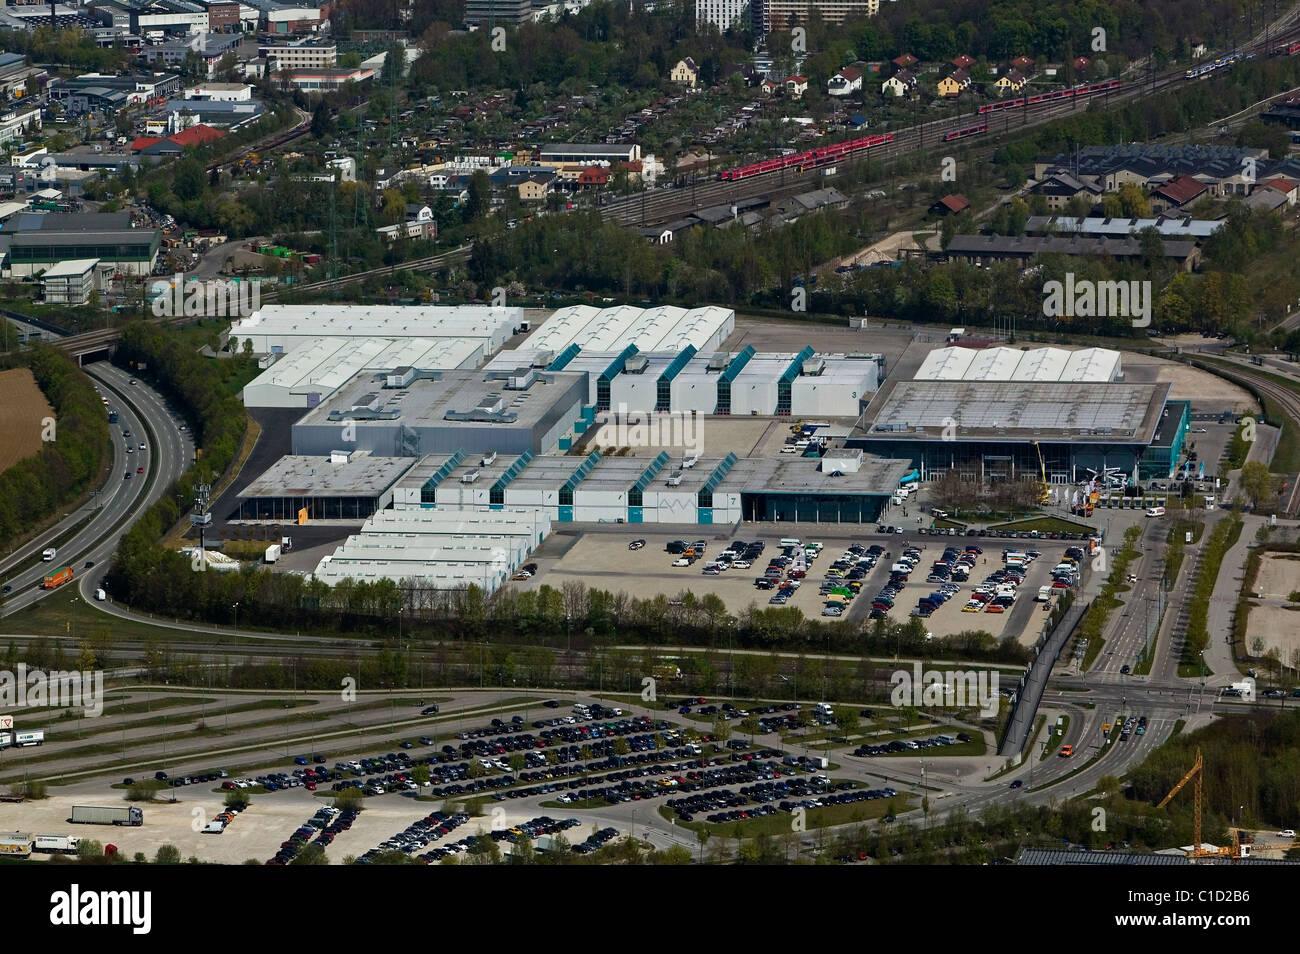 Luftbild oben Messe Augsburg Convention Center Bayern Deutschland Stockbild